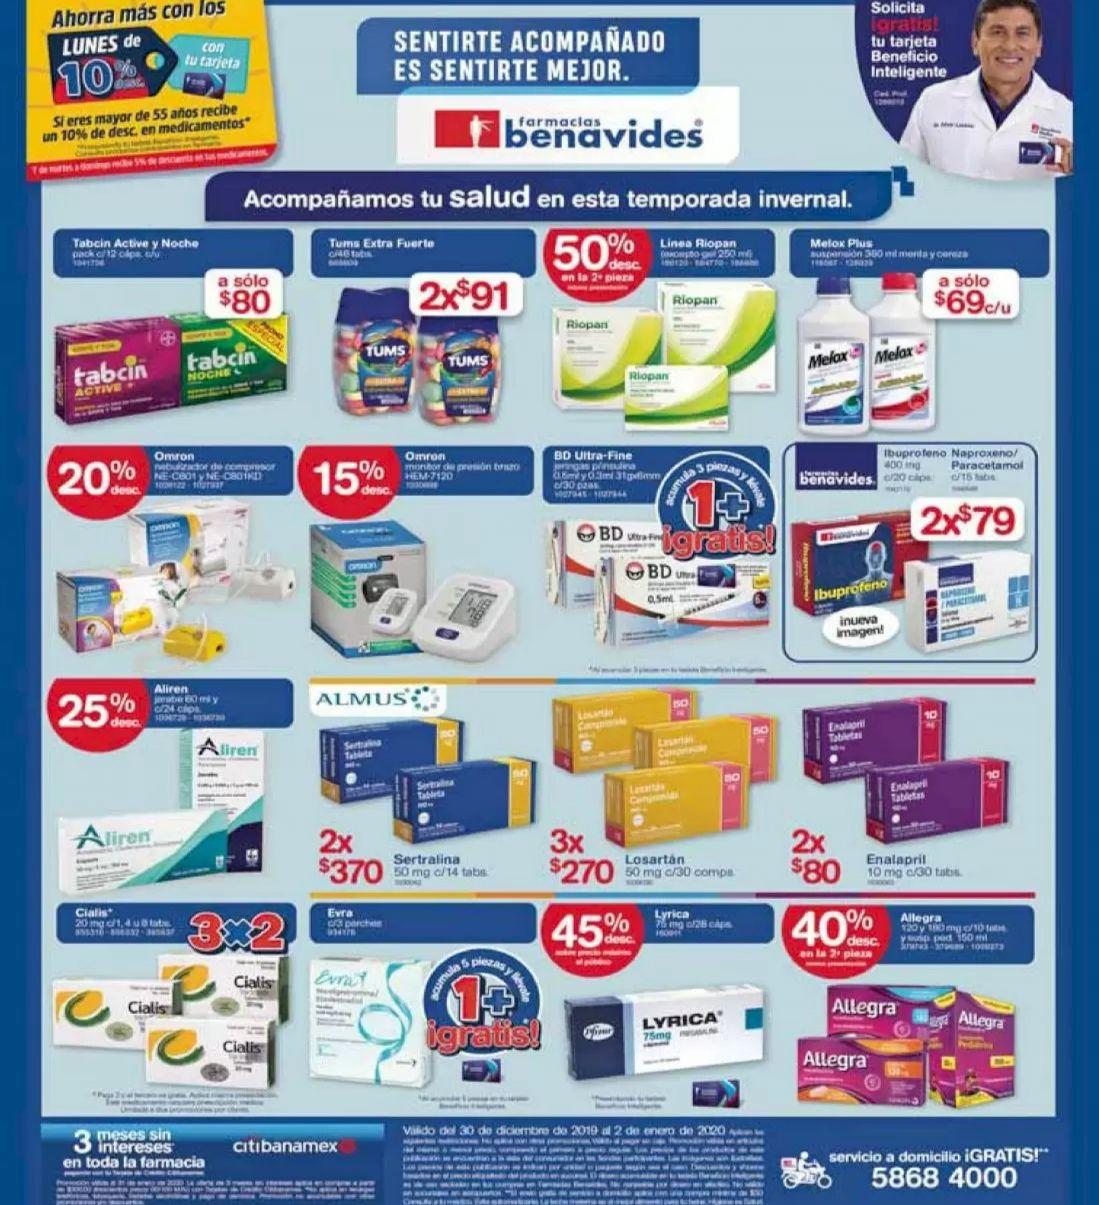 Farmacias Benavides: Ofertas del Lunes 30 de Diciembre al Jueves 2 de Enero